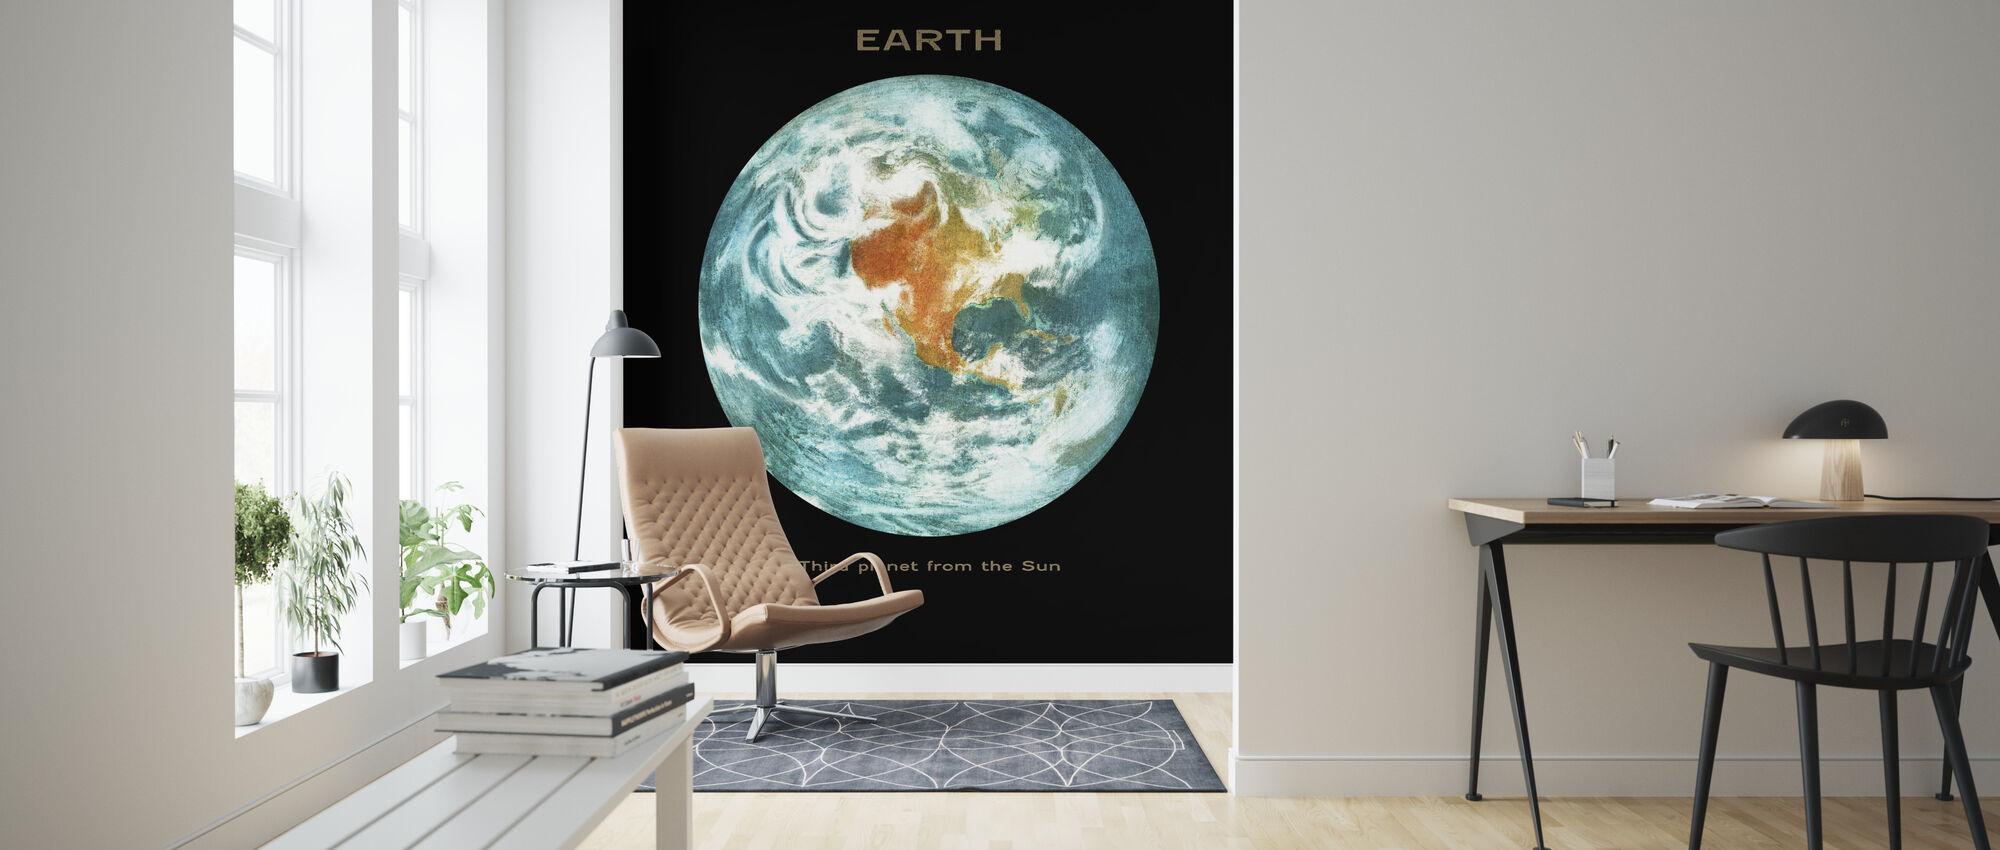 Solar System - Earth - Wallpaper - Living Room